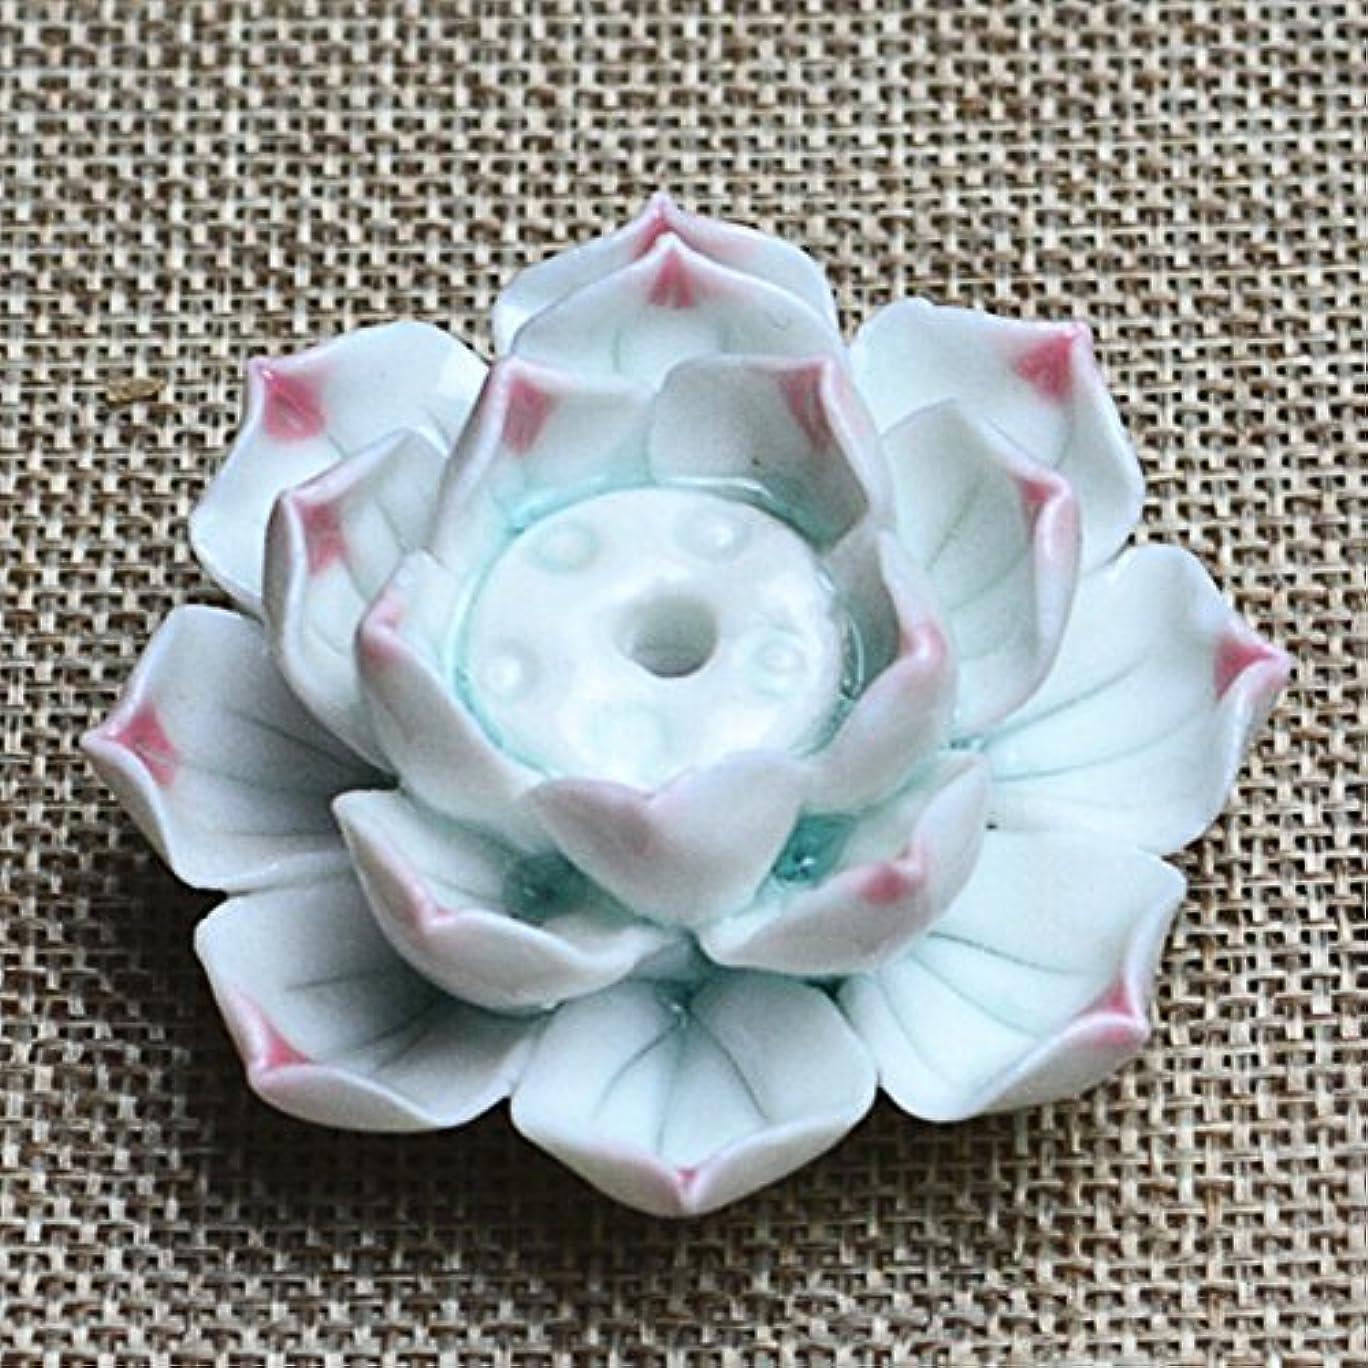 味わう戻すスカートZehuiセラミック香炉スティックホルダーロータス香炉Ashキャッチャープレートwith 1 / 3穴Incense Burner pink point flowers mhy-1110-Zjj370